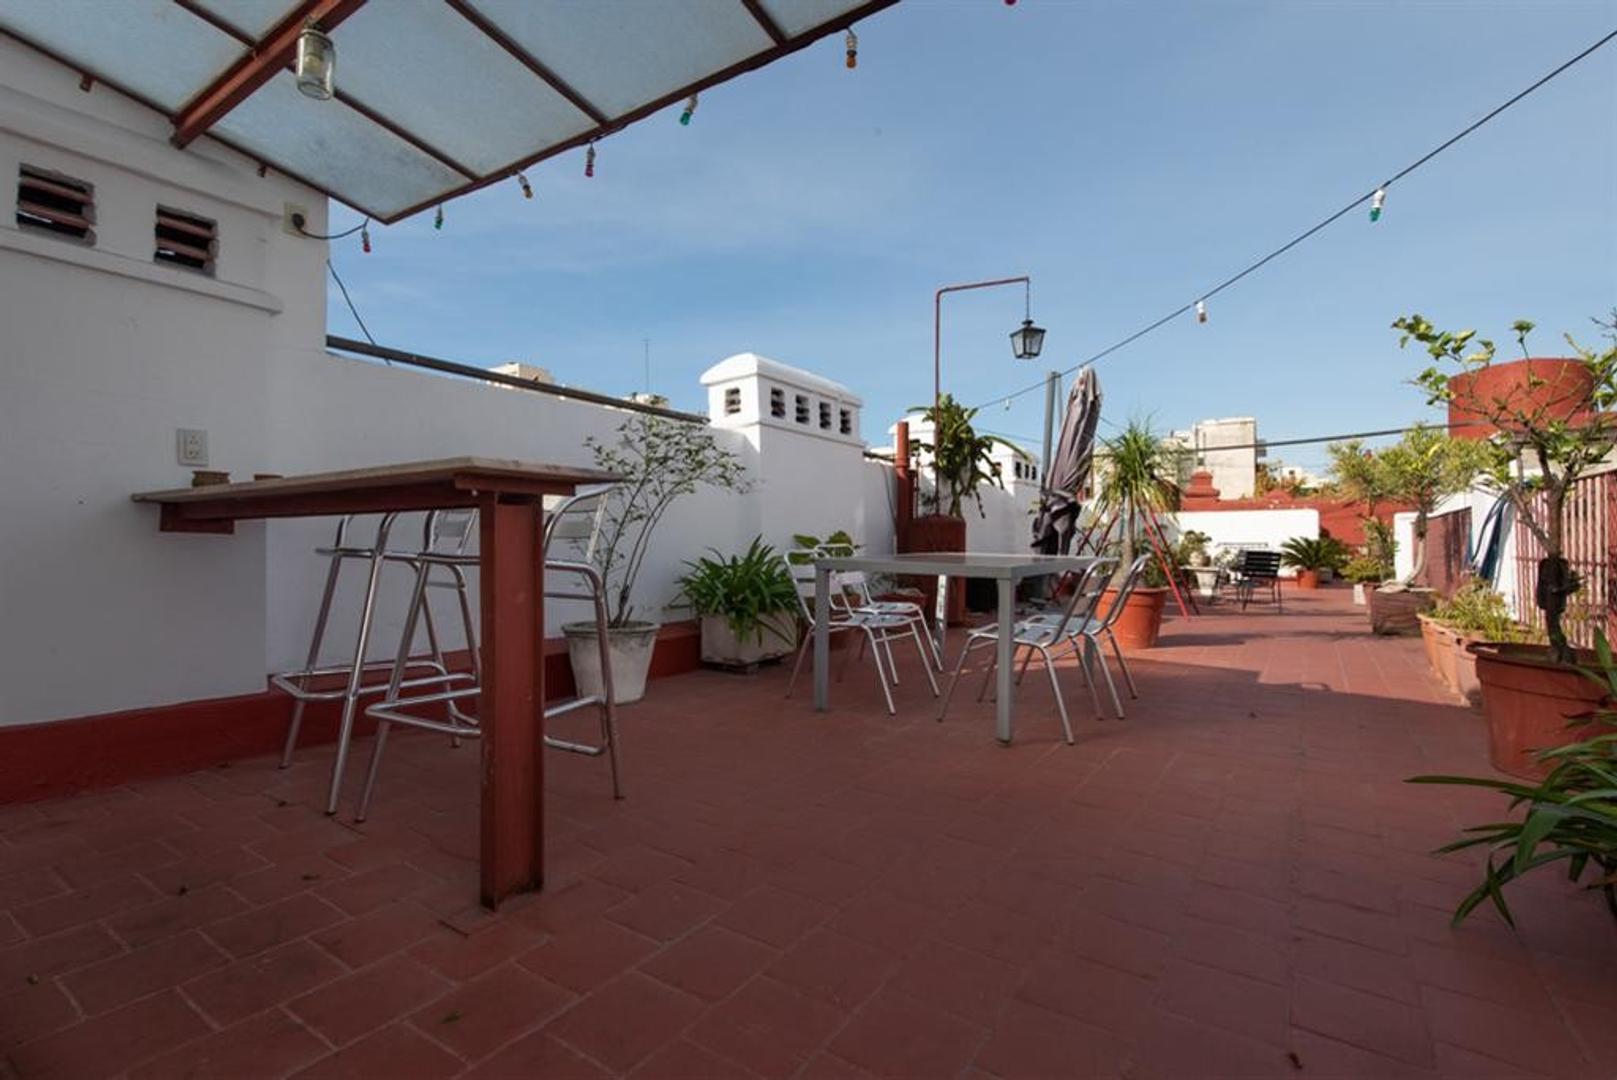 Departamento con terraza, muy bien reciclado.  - Foto 34